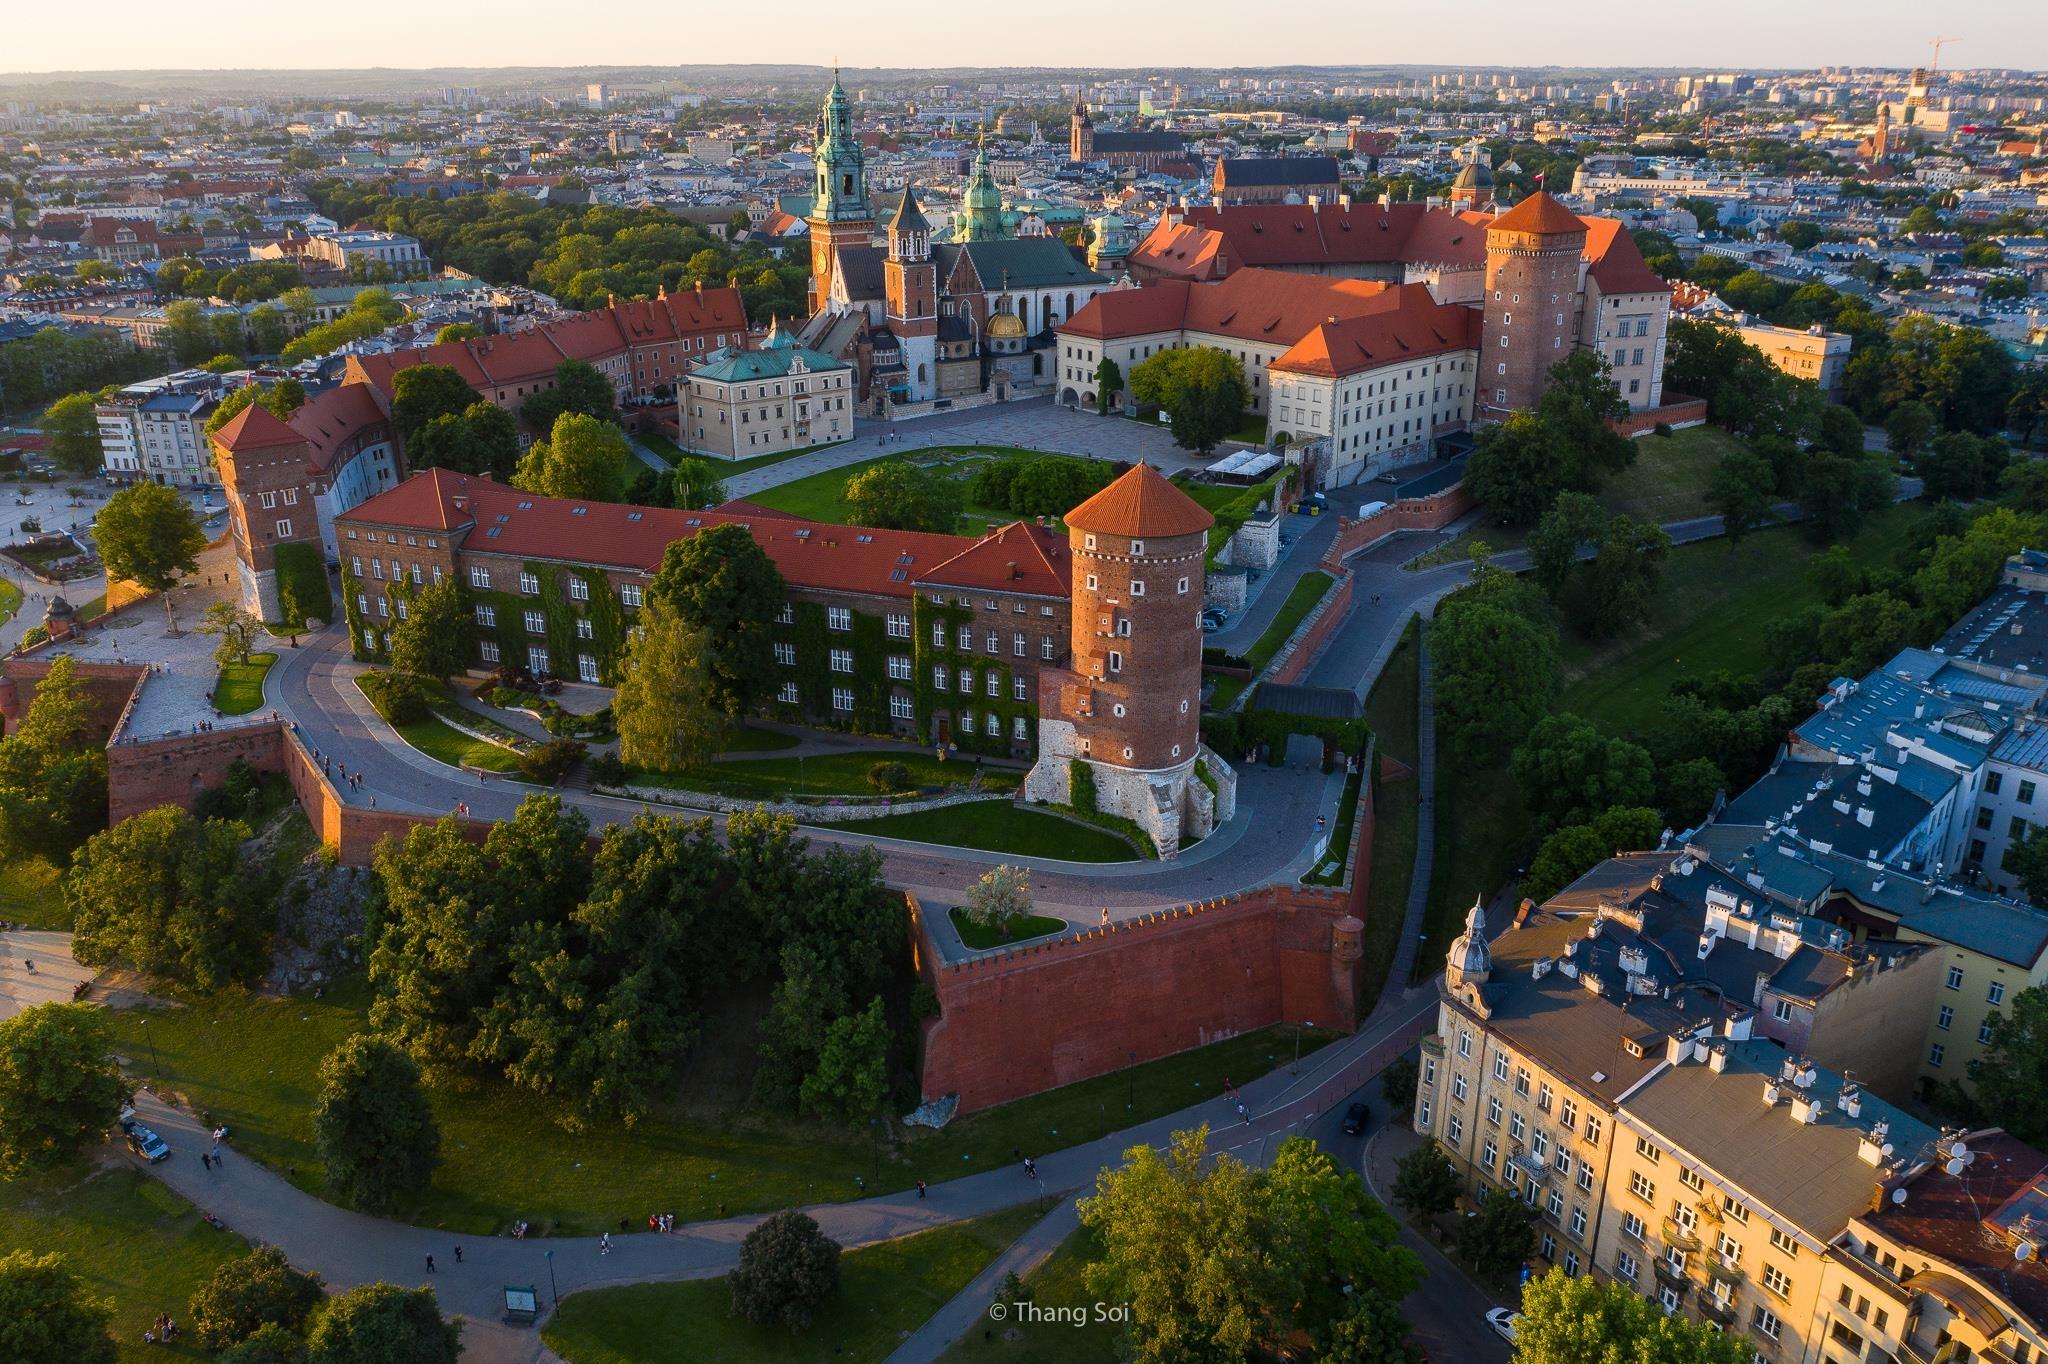 Krakow, kinh do co phai ghe tham khi den Ba Lan hinh anh 60